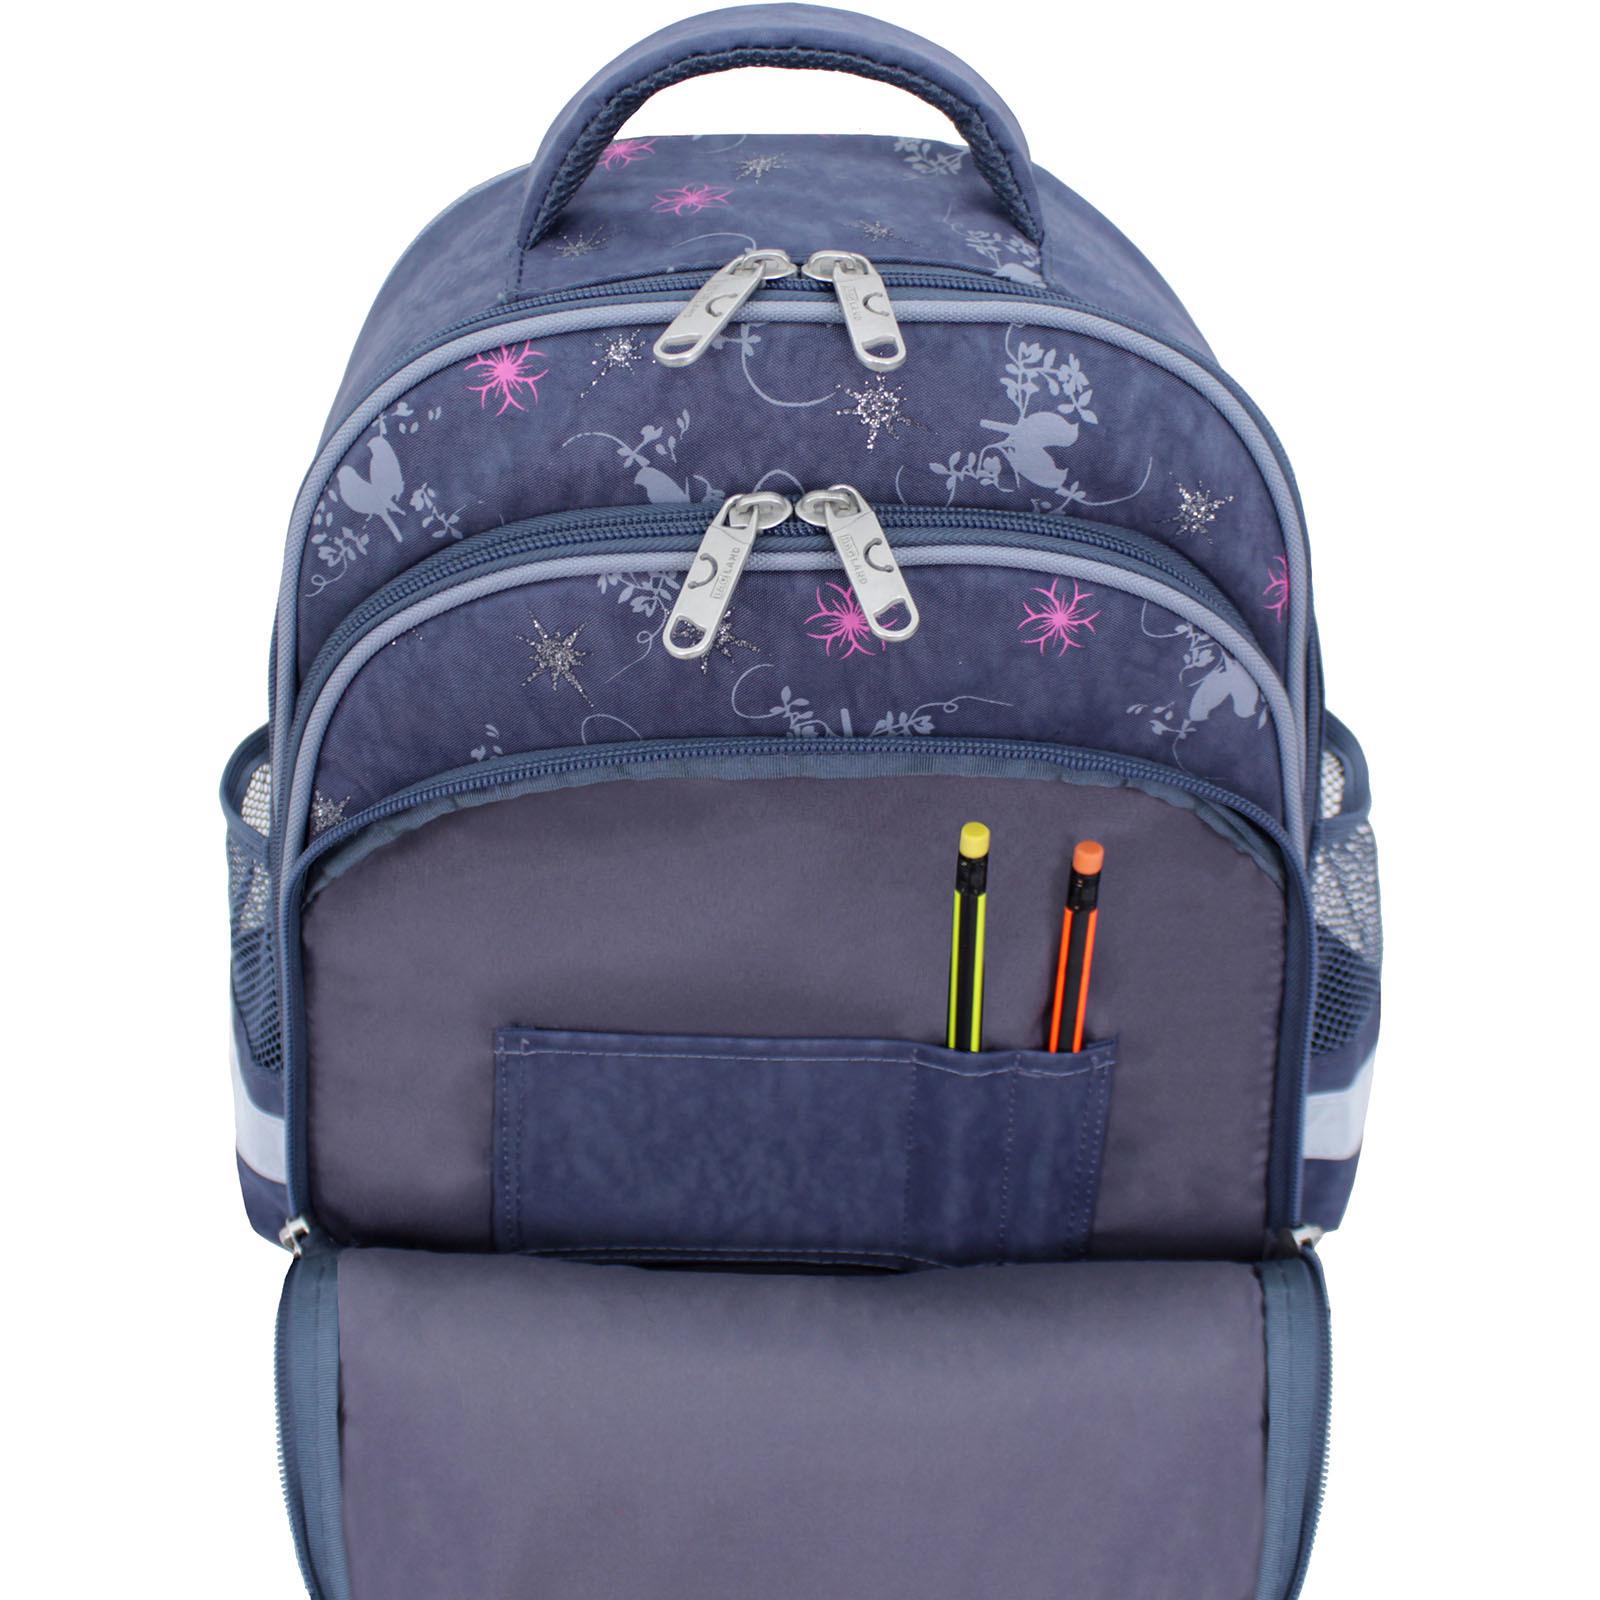 Рюкзак школьный Bagland Mouse 321 серый 210к (0051370) фото 6